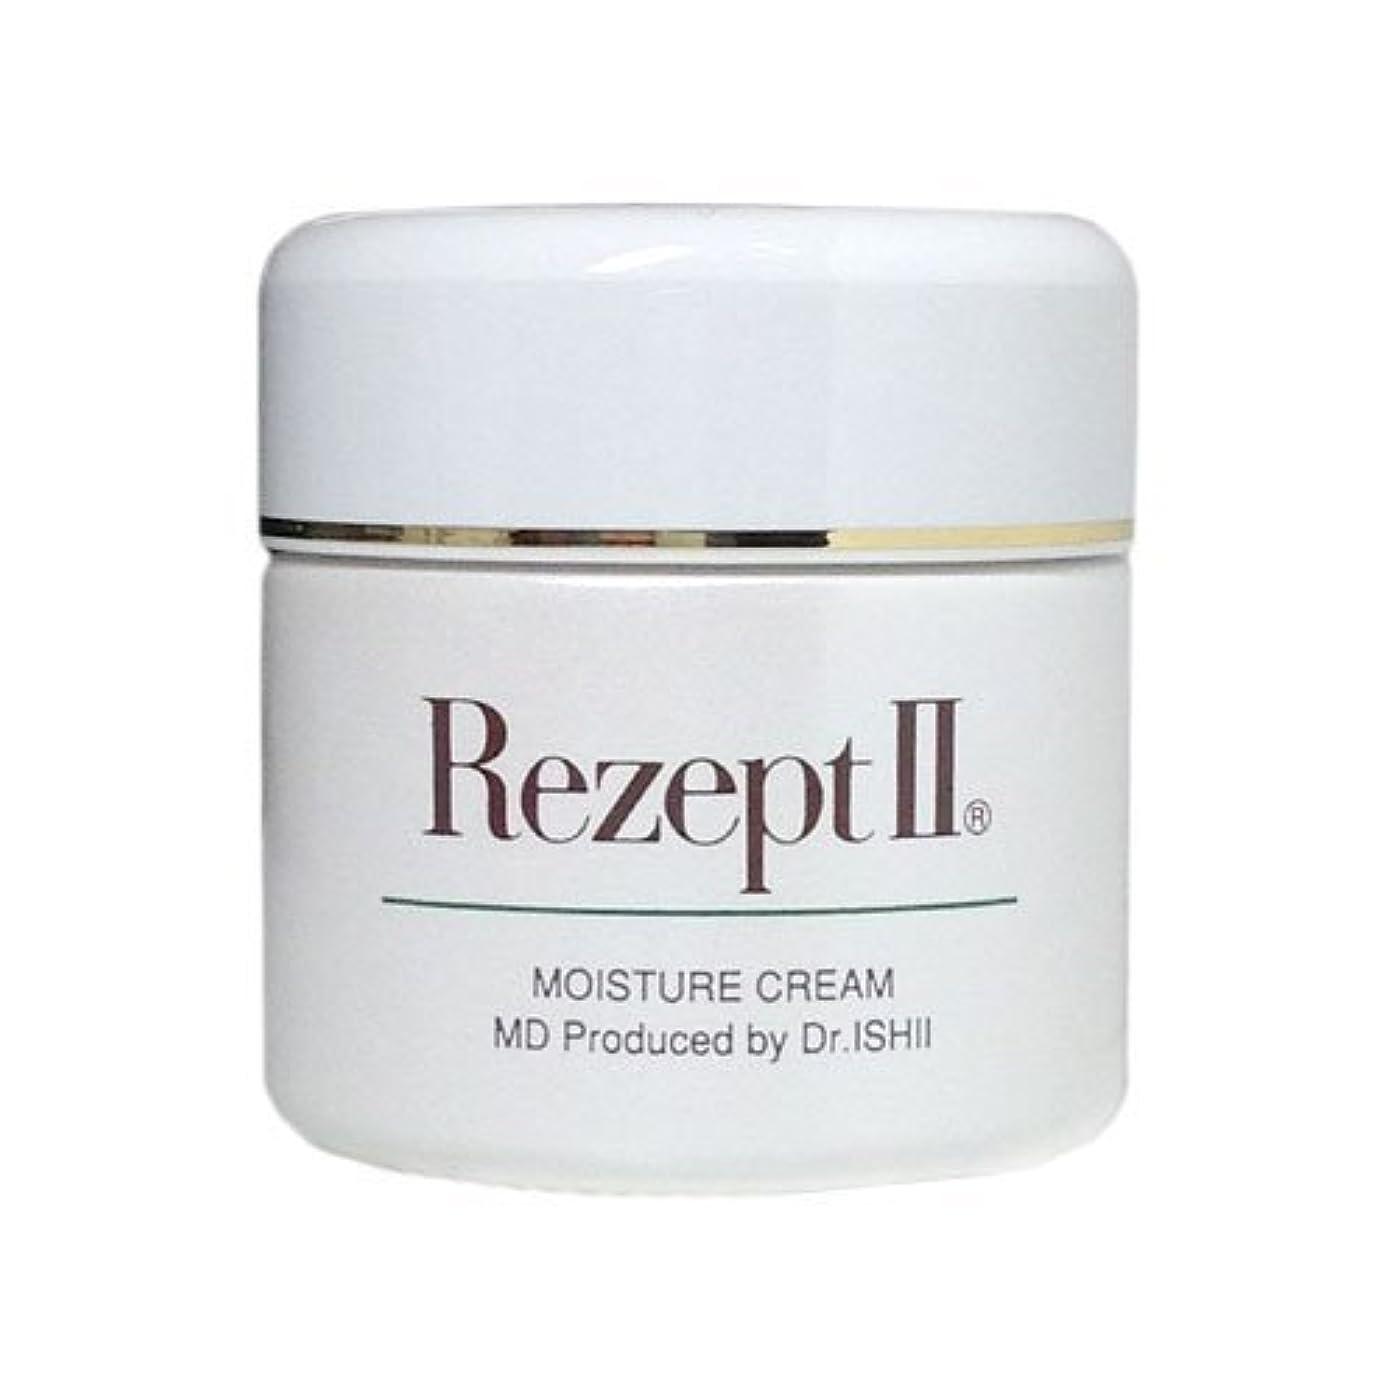 ページポーチ液化するMD化粧品 ドクターズコスメ レセプト2 モイスチャークリーム(中性)35g